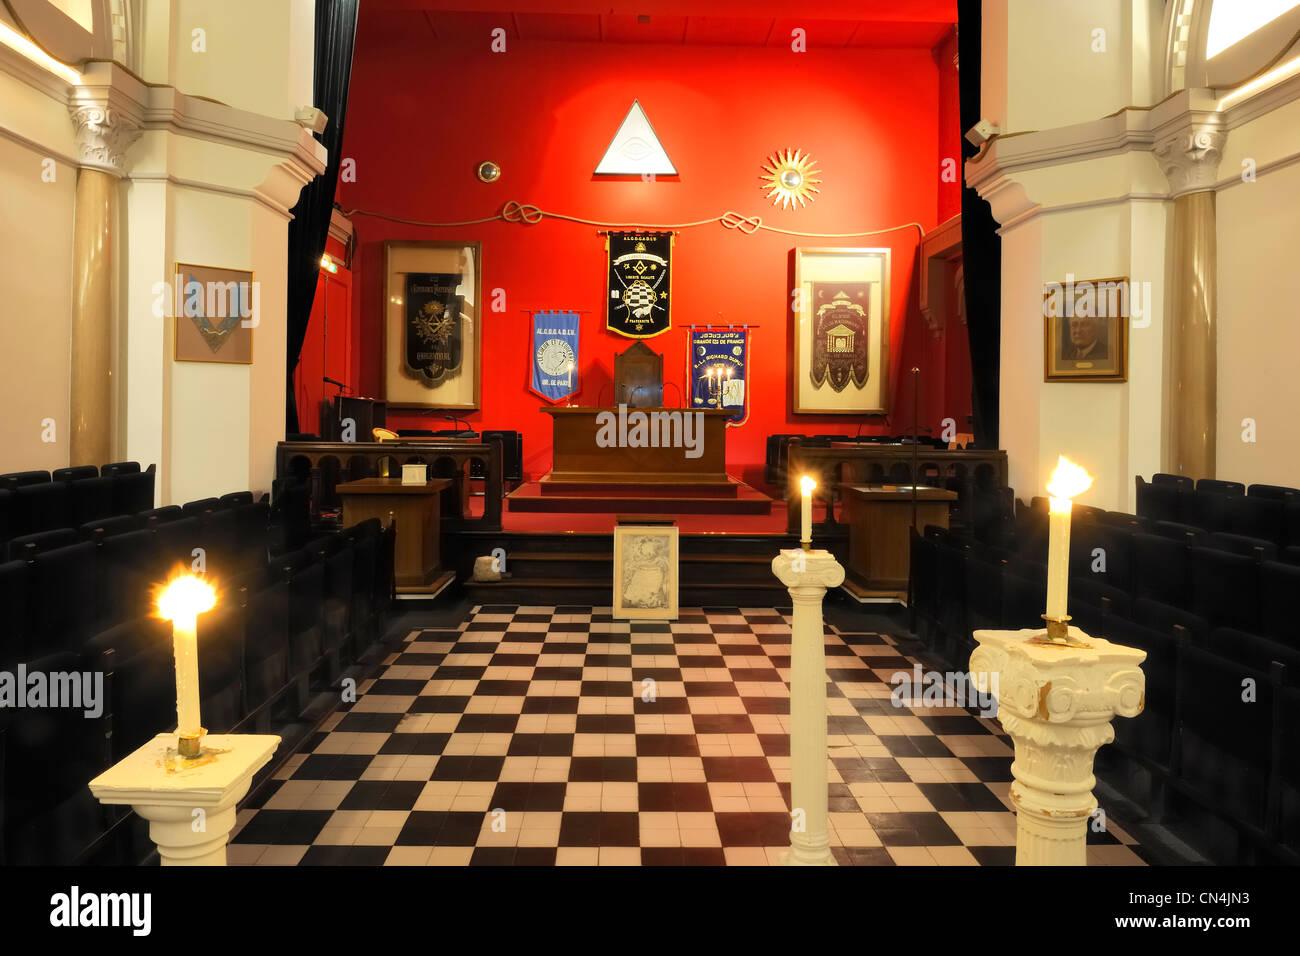 France paris grande loge de france gldf grand lodge of for Lodges in france